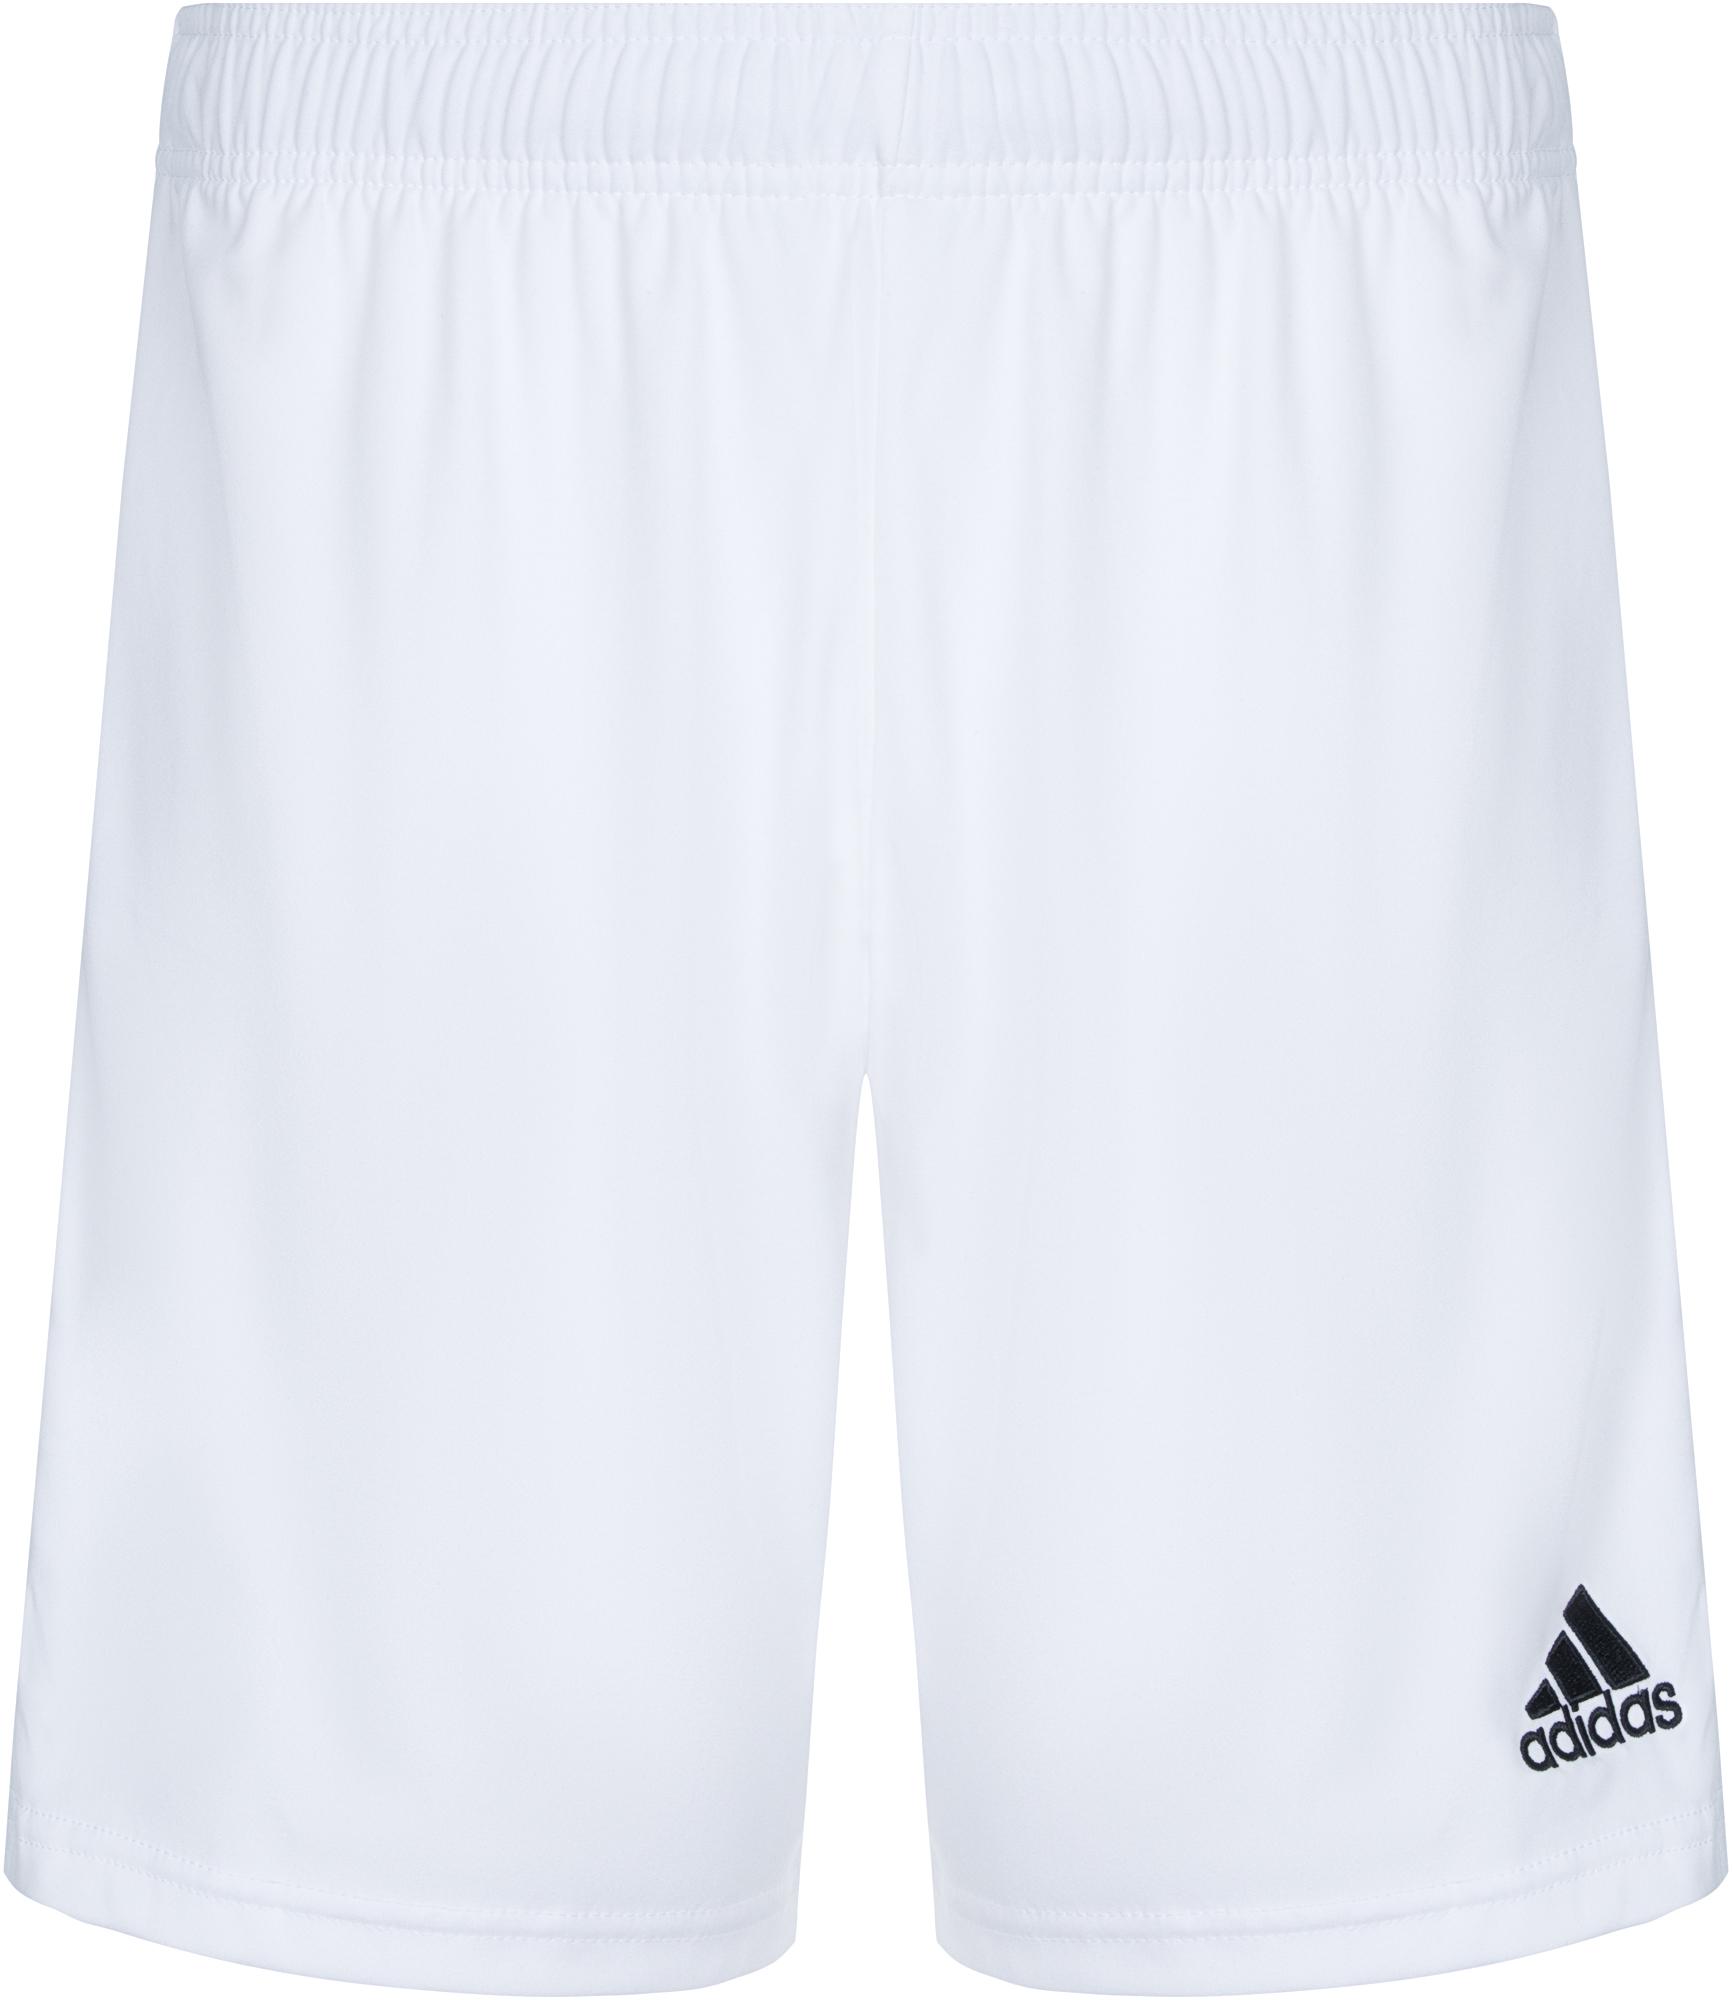 Adidas Шорты мужские Adidas Tastigo 19, размер 52-54 шорты для тенниса мужские adidas uncontrol climachill цвет черный b45842 размер l 52 54